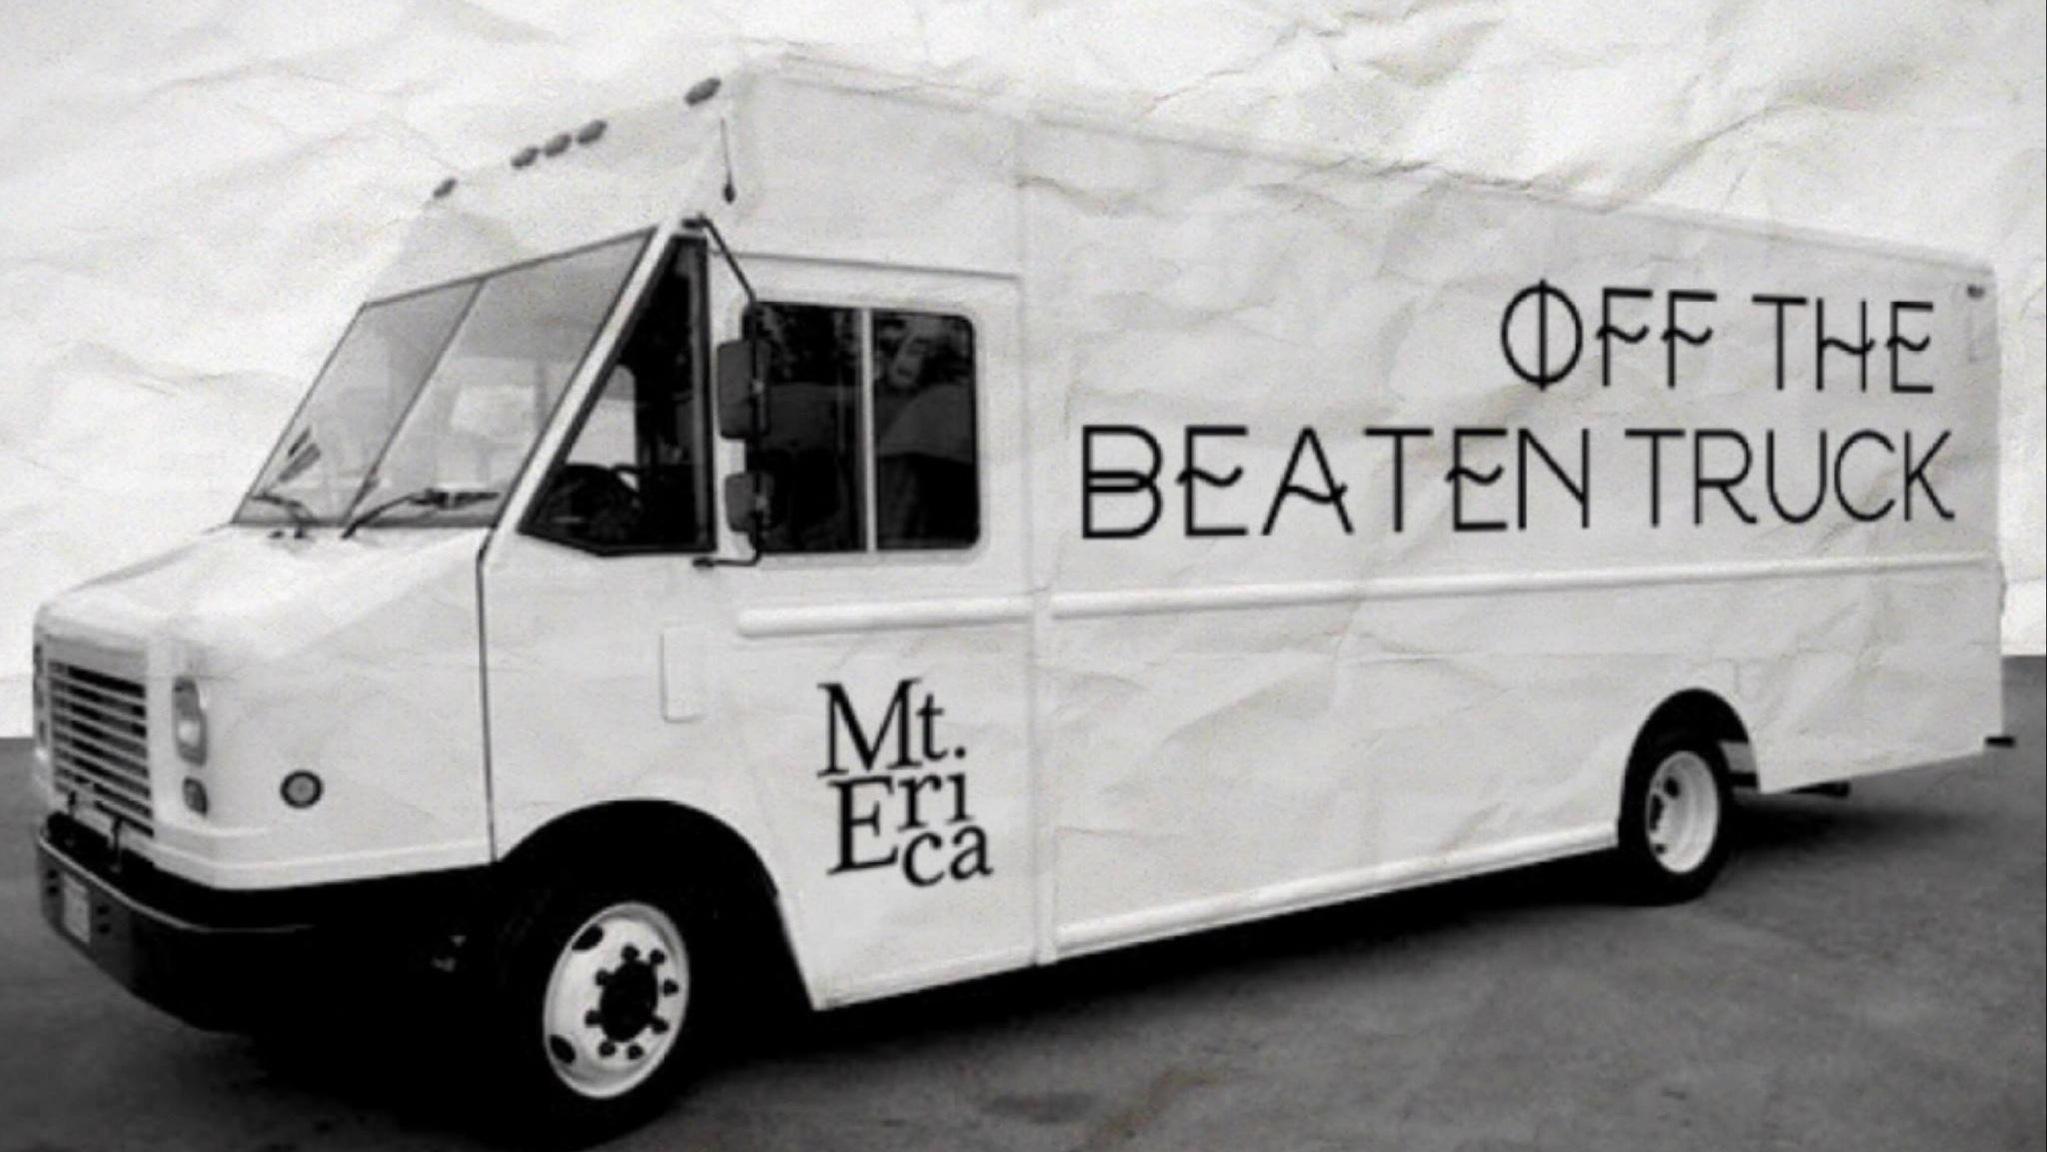 Off The Beaten Truck